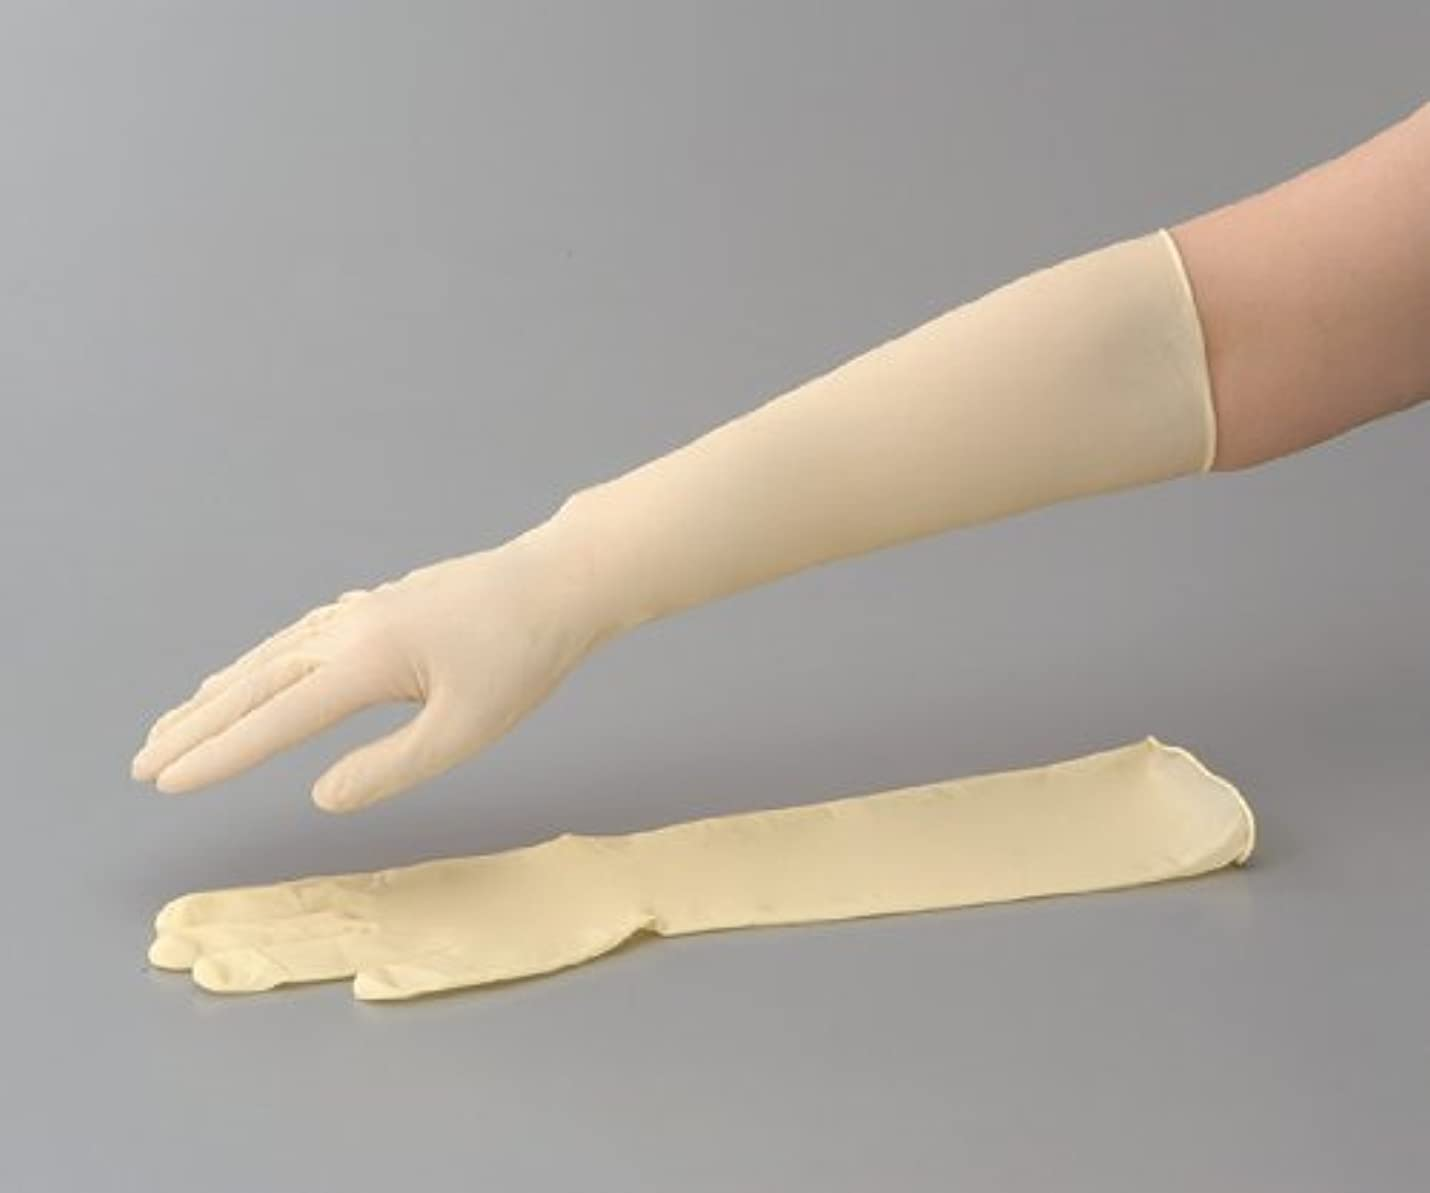 心配シリアルまでラテックスロング手袋(スーパーロング) No.336 M 1袋(50枚入)